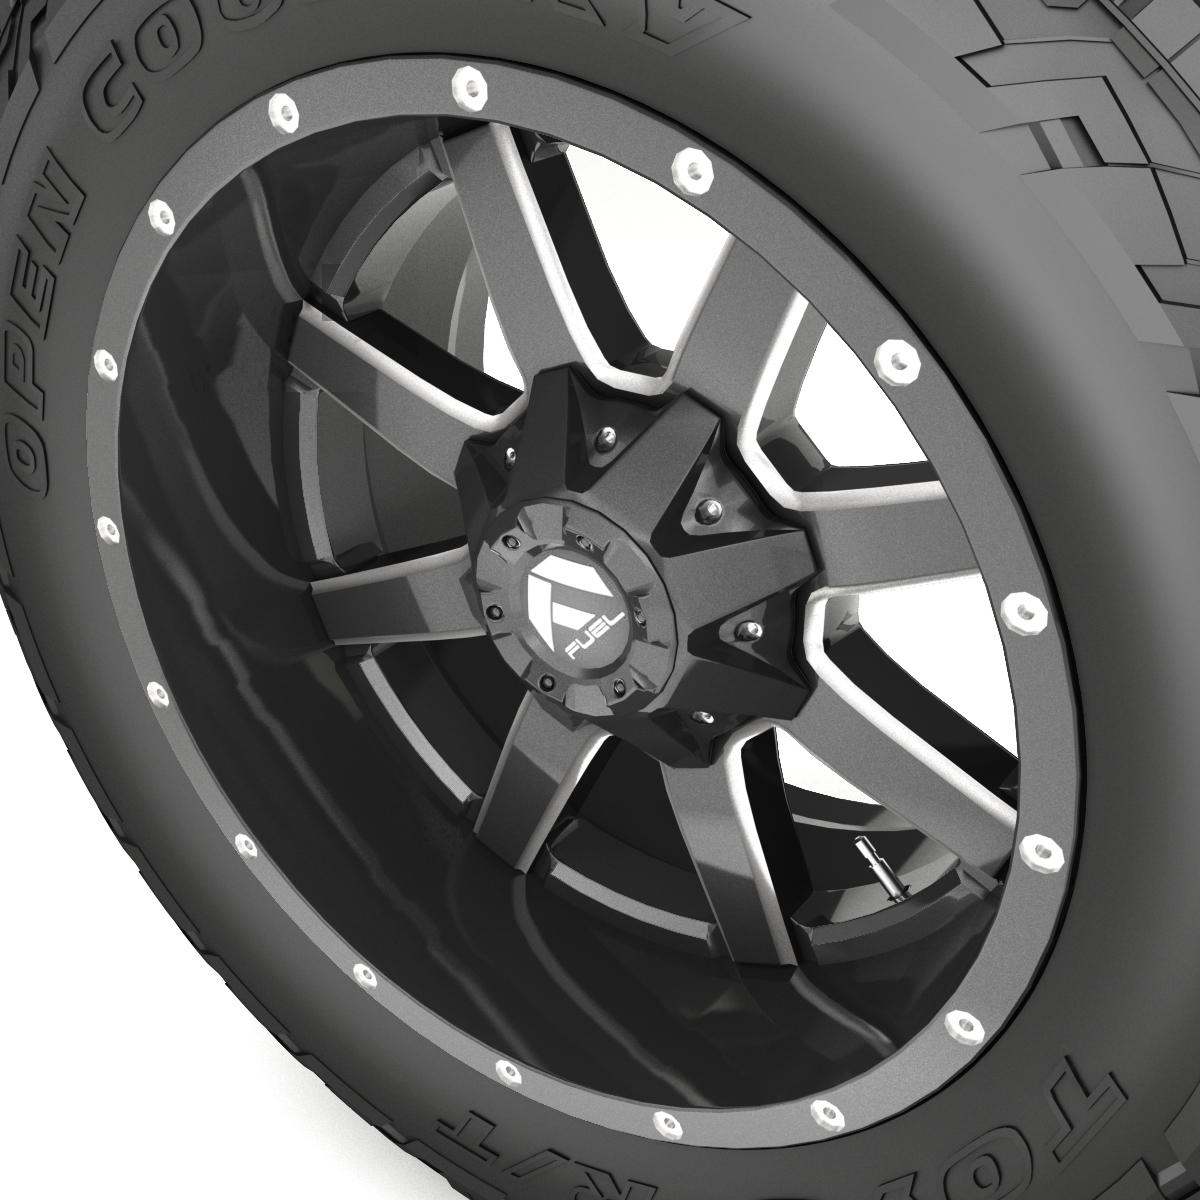 off road wheel and tire 7 3d model 3ds max fbx tga targa icb vda vst pix obj 282485